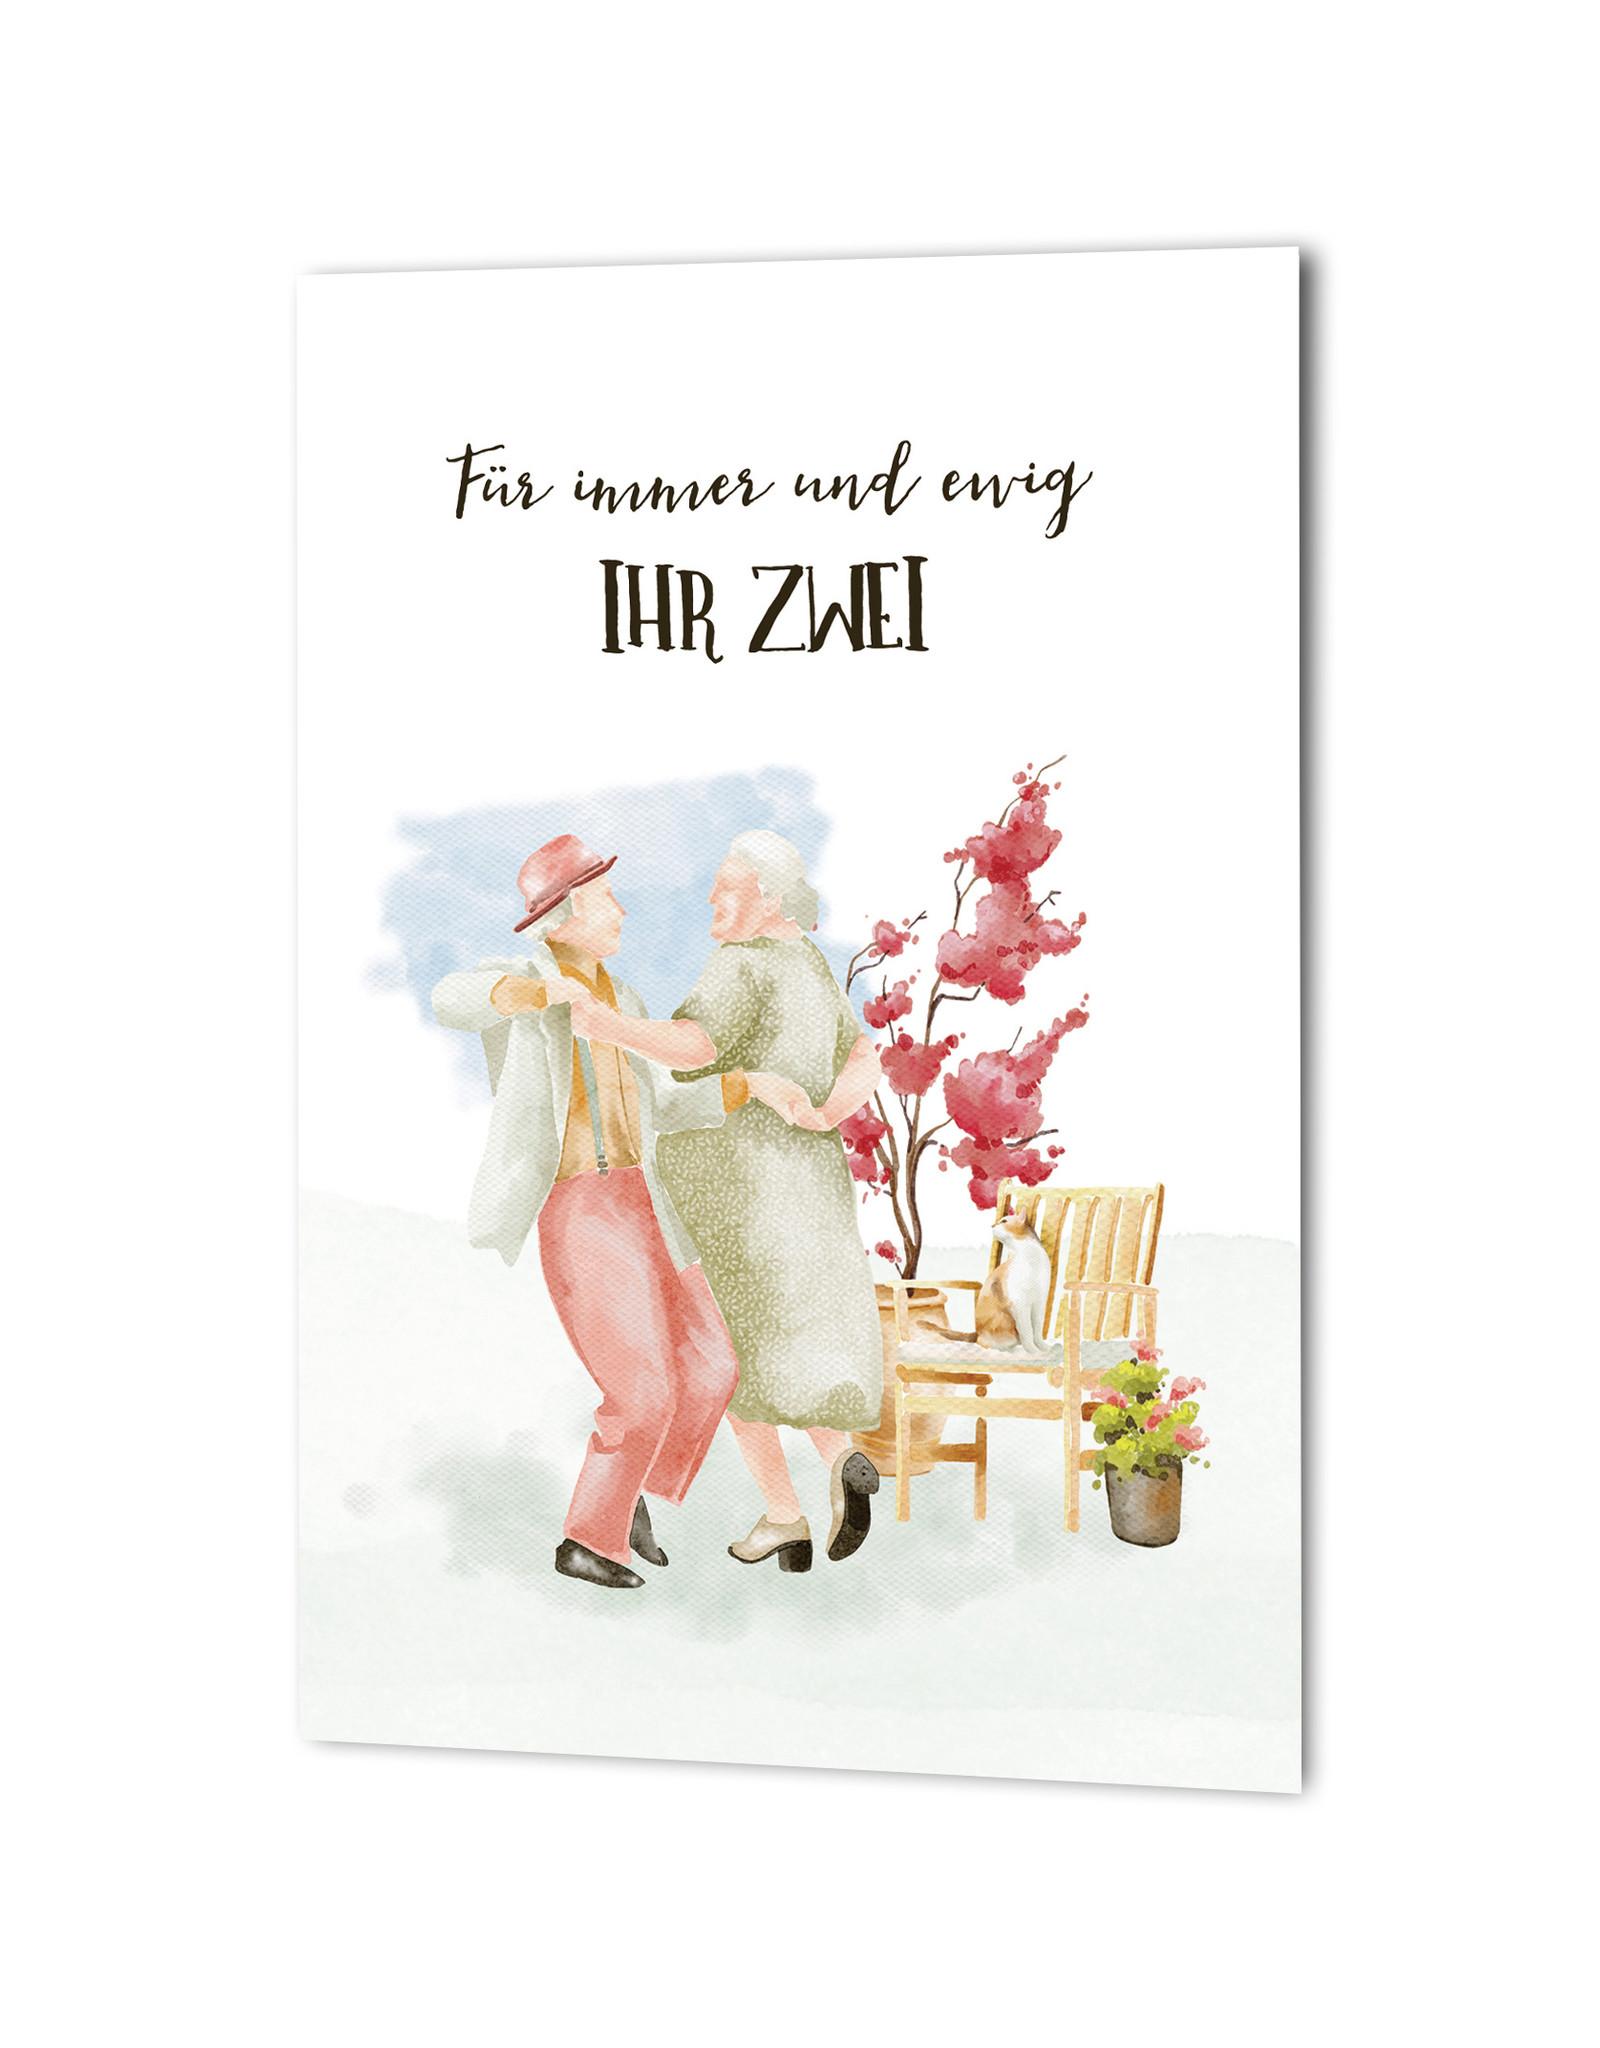 """Glückwunschkarte Hochzeit """"tanzendes Ehepaar"""" Karte Hochzeit Grußkarte Hochzeit Geschenk Goldene Hochzeit Silberhochzeit"""